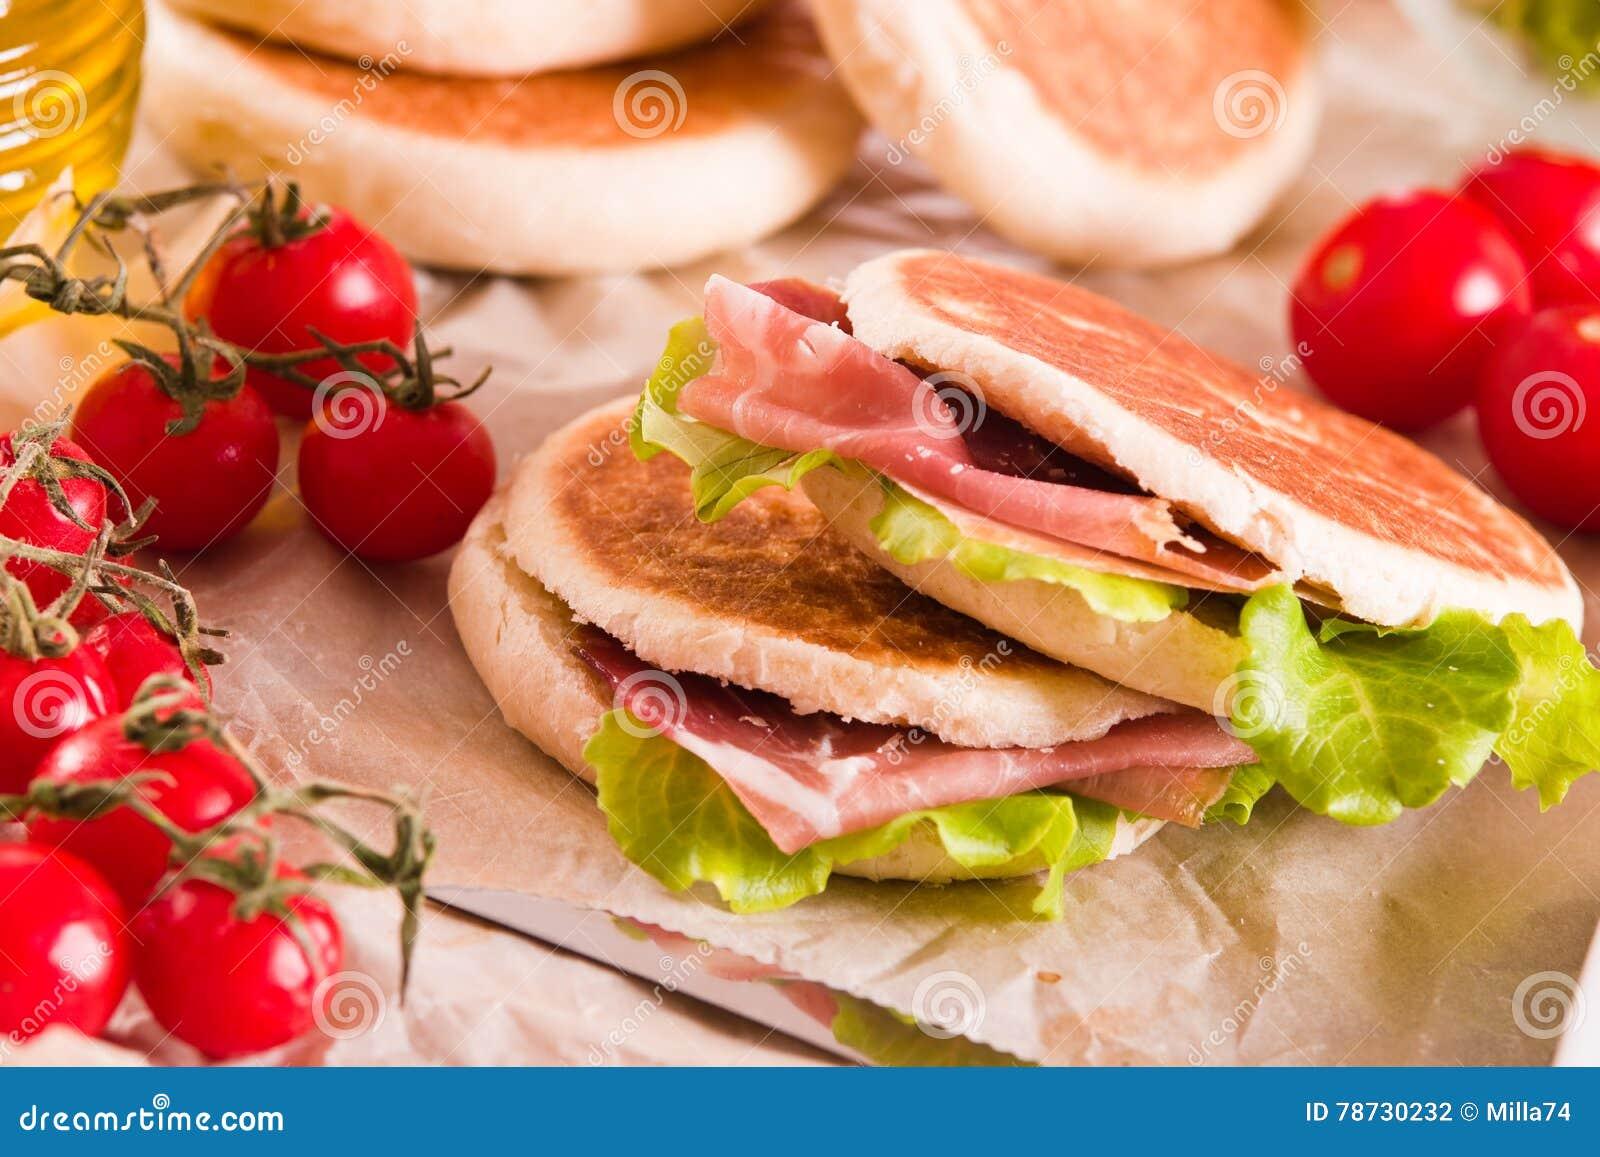 Tigella bröd som är välfyllt med skinka och grönsallat